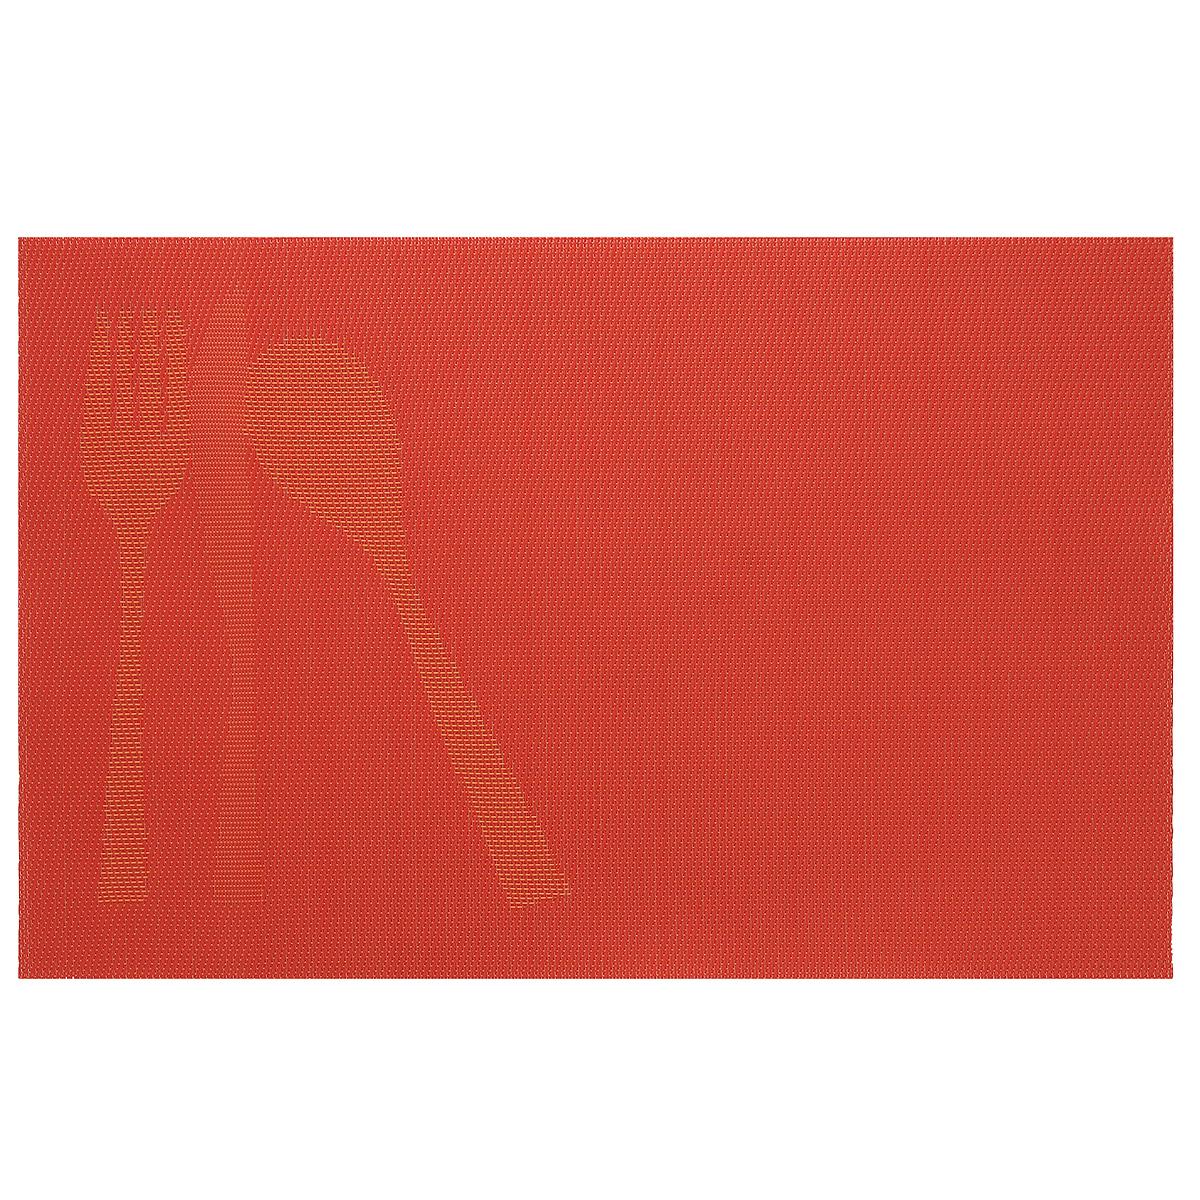 Подставка под горячее Amadeus, цвет: оранжевый, 44 х 29 см 28HZ-9085115510Прямоугольная подставка под горячее Amadeus выполнена из мягкого пластика и декорирована рисунком с изображением столовых приборов. Подставка не боится высоких температур и легко чистится от пятен и жира.Каждая хозяйка знает, что подставка под горячее - это незаменимый и очень полезный аксессуар на каждой кухне. Ваш стол будет не только украшен оригинальной подставкой с красивым рисунком, но и сбережен от воздействия высоких температур ваших кулинарных шедевров.Размер подставки: 44 см х 29 см.